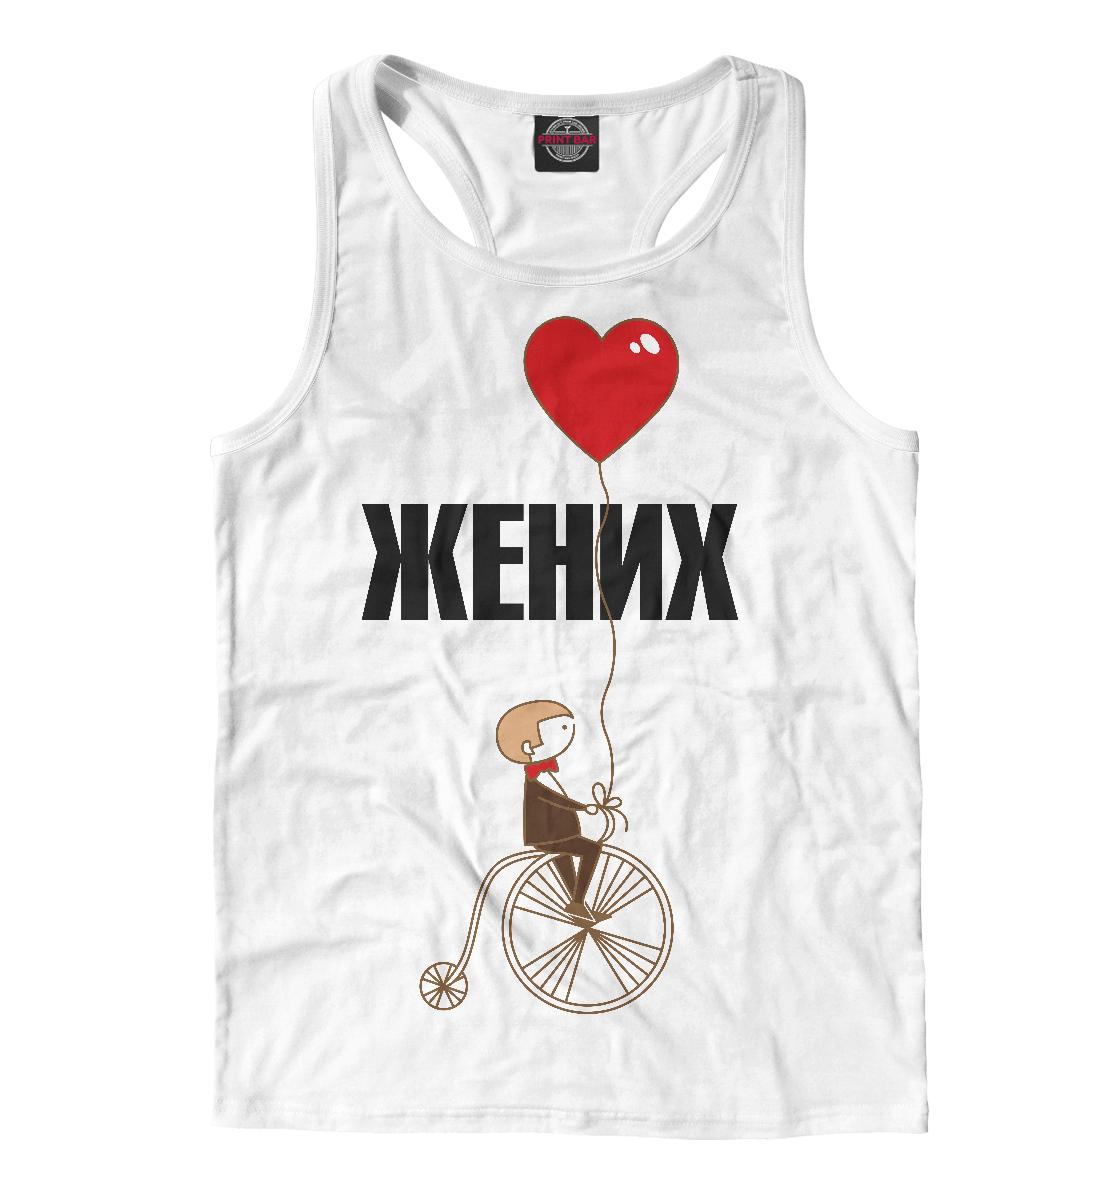 Купить Жених на велосипеде, Printbar, Майки борцовки, SVD-259326-mayb-2